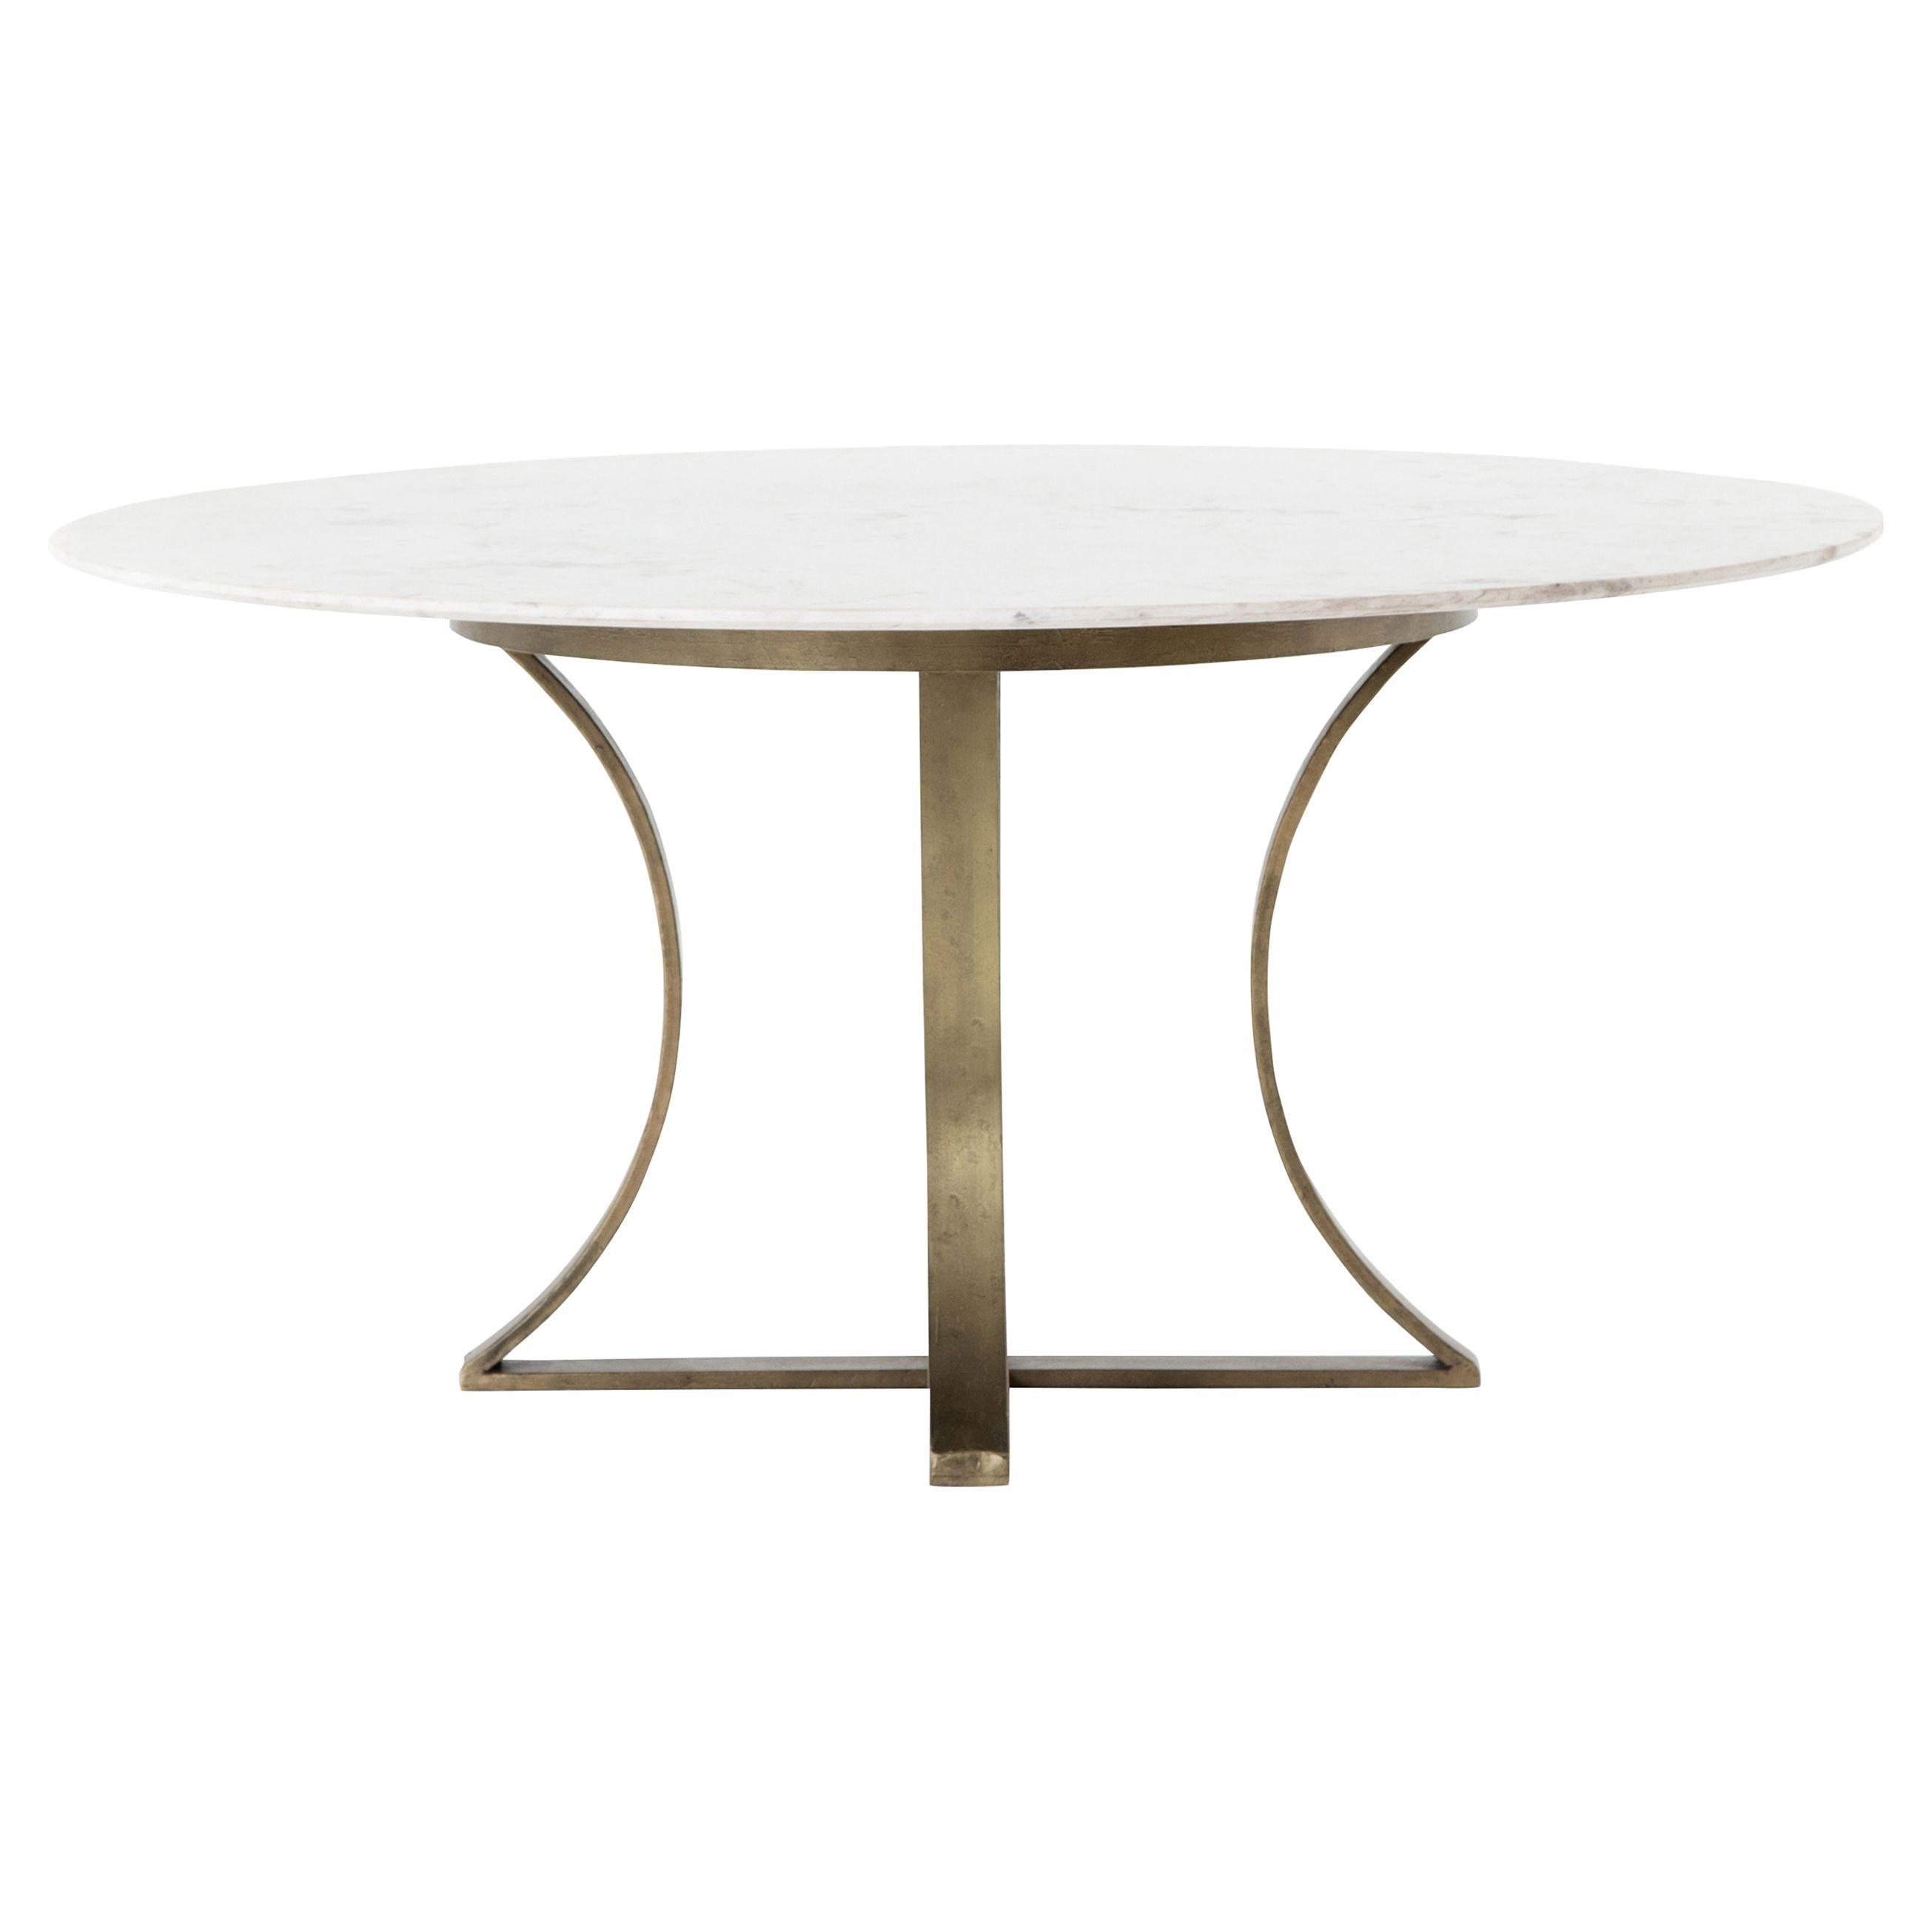 Drake Modern Regency White Marble Brass Round Dining Table Dining Table Round Dining Table Round Dining [ 2610 x 2610 Pixel ]